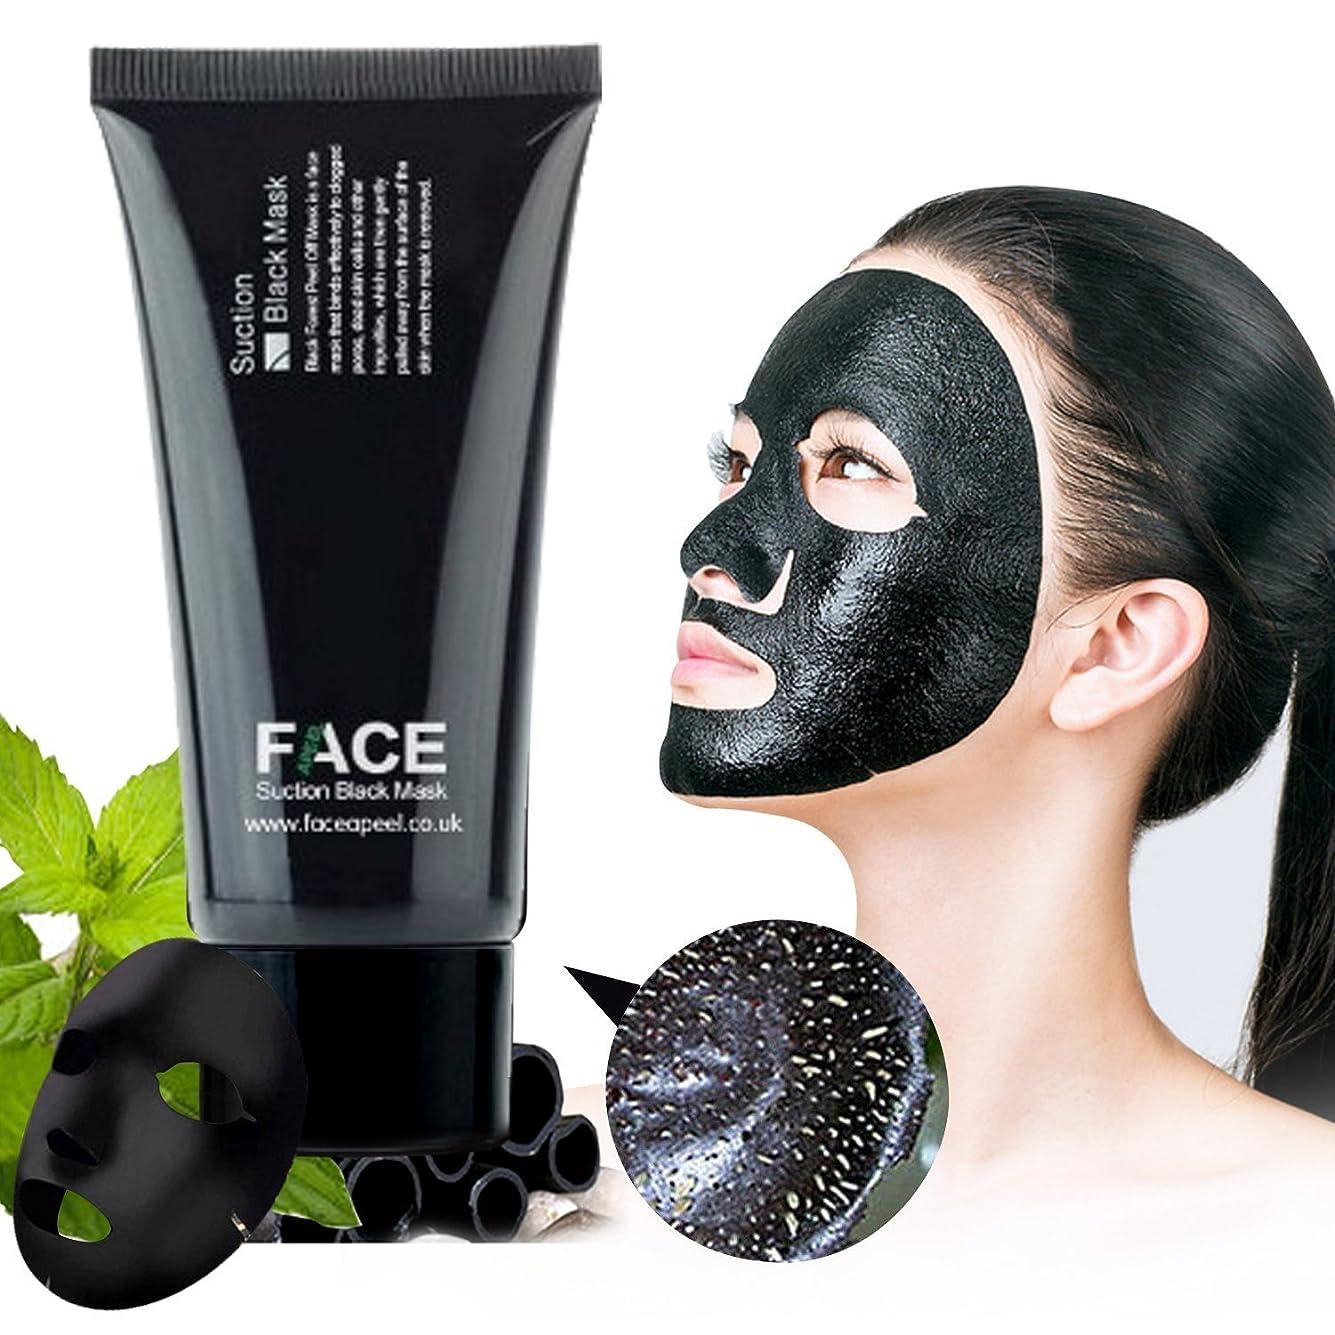 ナビゲーション休みアトムFaceApeel Blackheadリムーバーマスク[Blackheadsを取り除く] - プレミアム品質Black Pore Removalは、Face For Faceマスクを剥がす